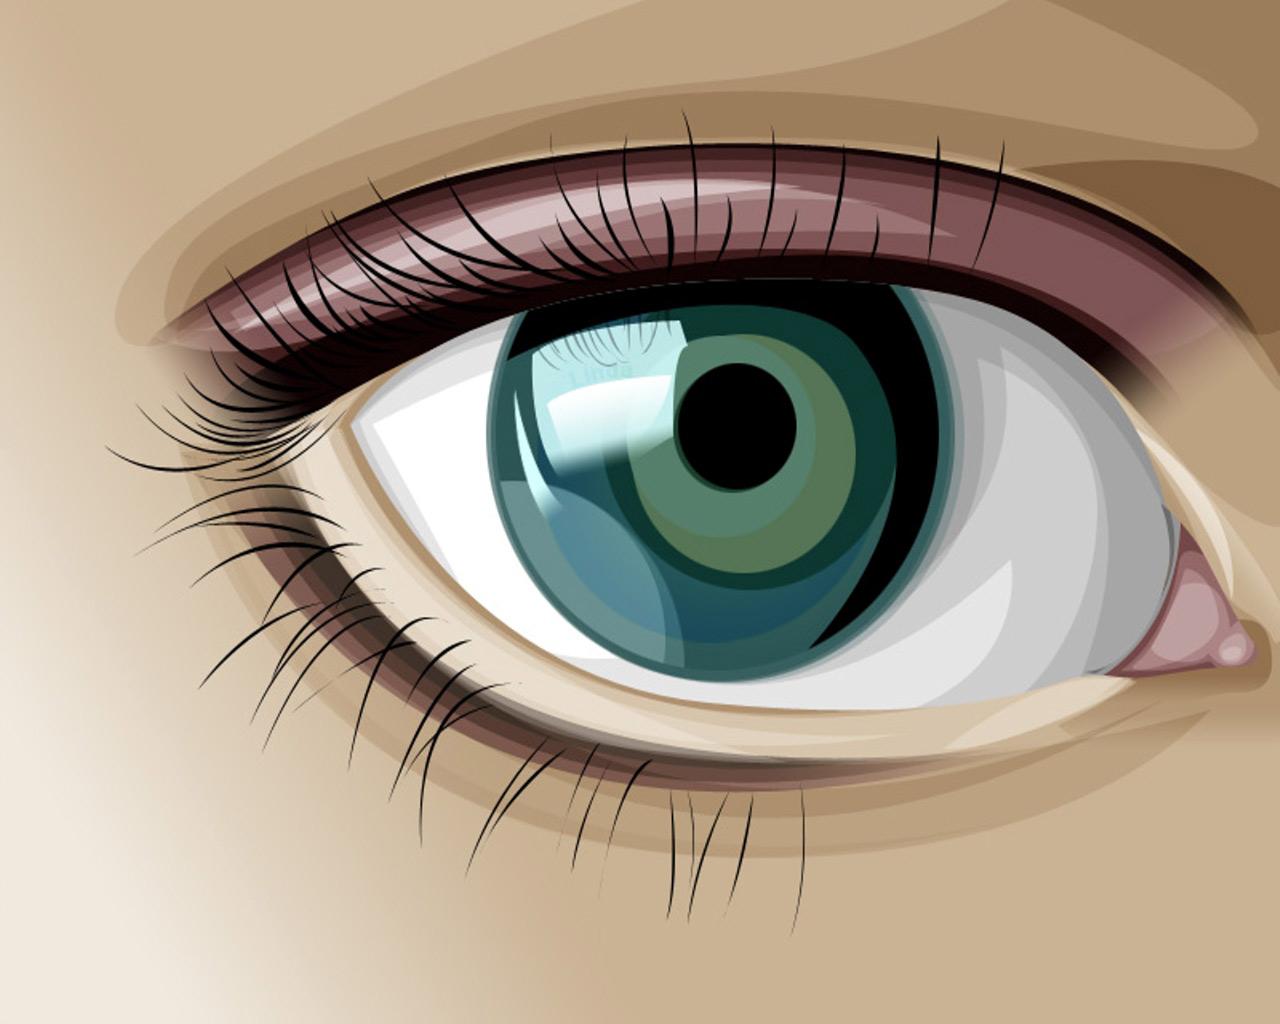 عکس چشم کارتونی